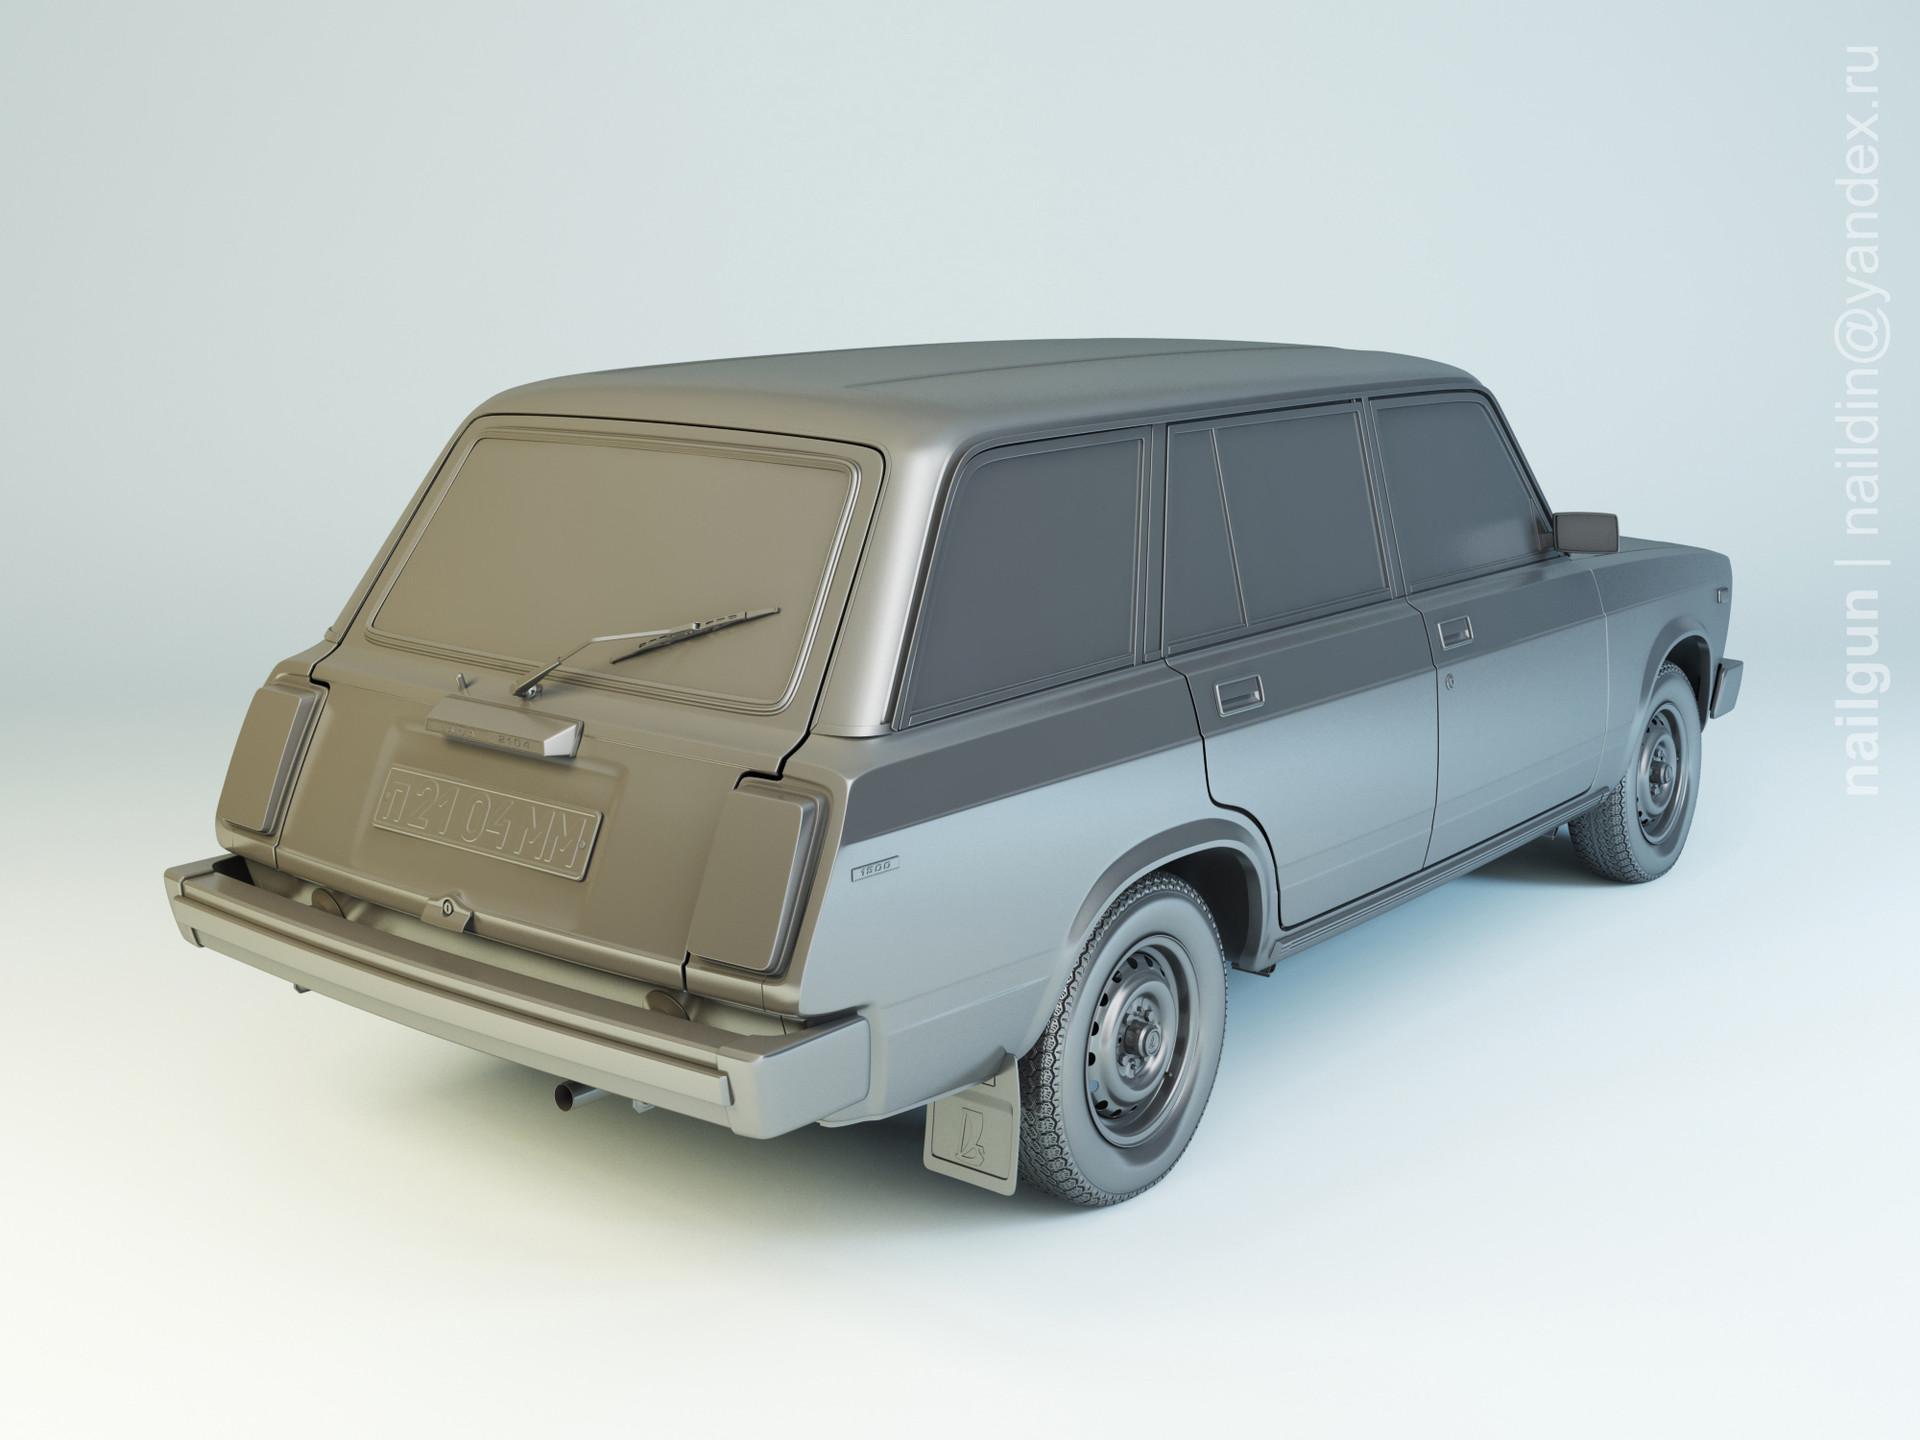 Nail khusnutdinov pwc 056 003 vaz 2104 modelling 1